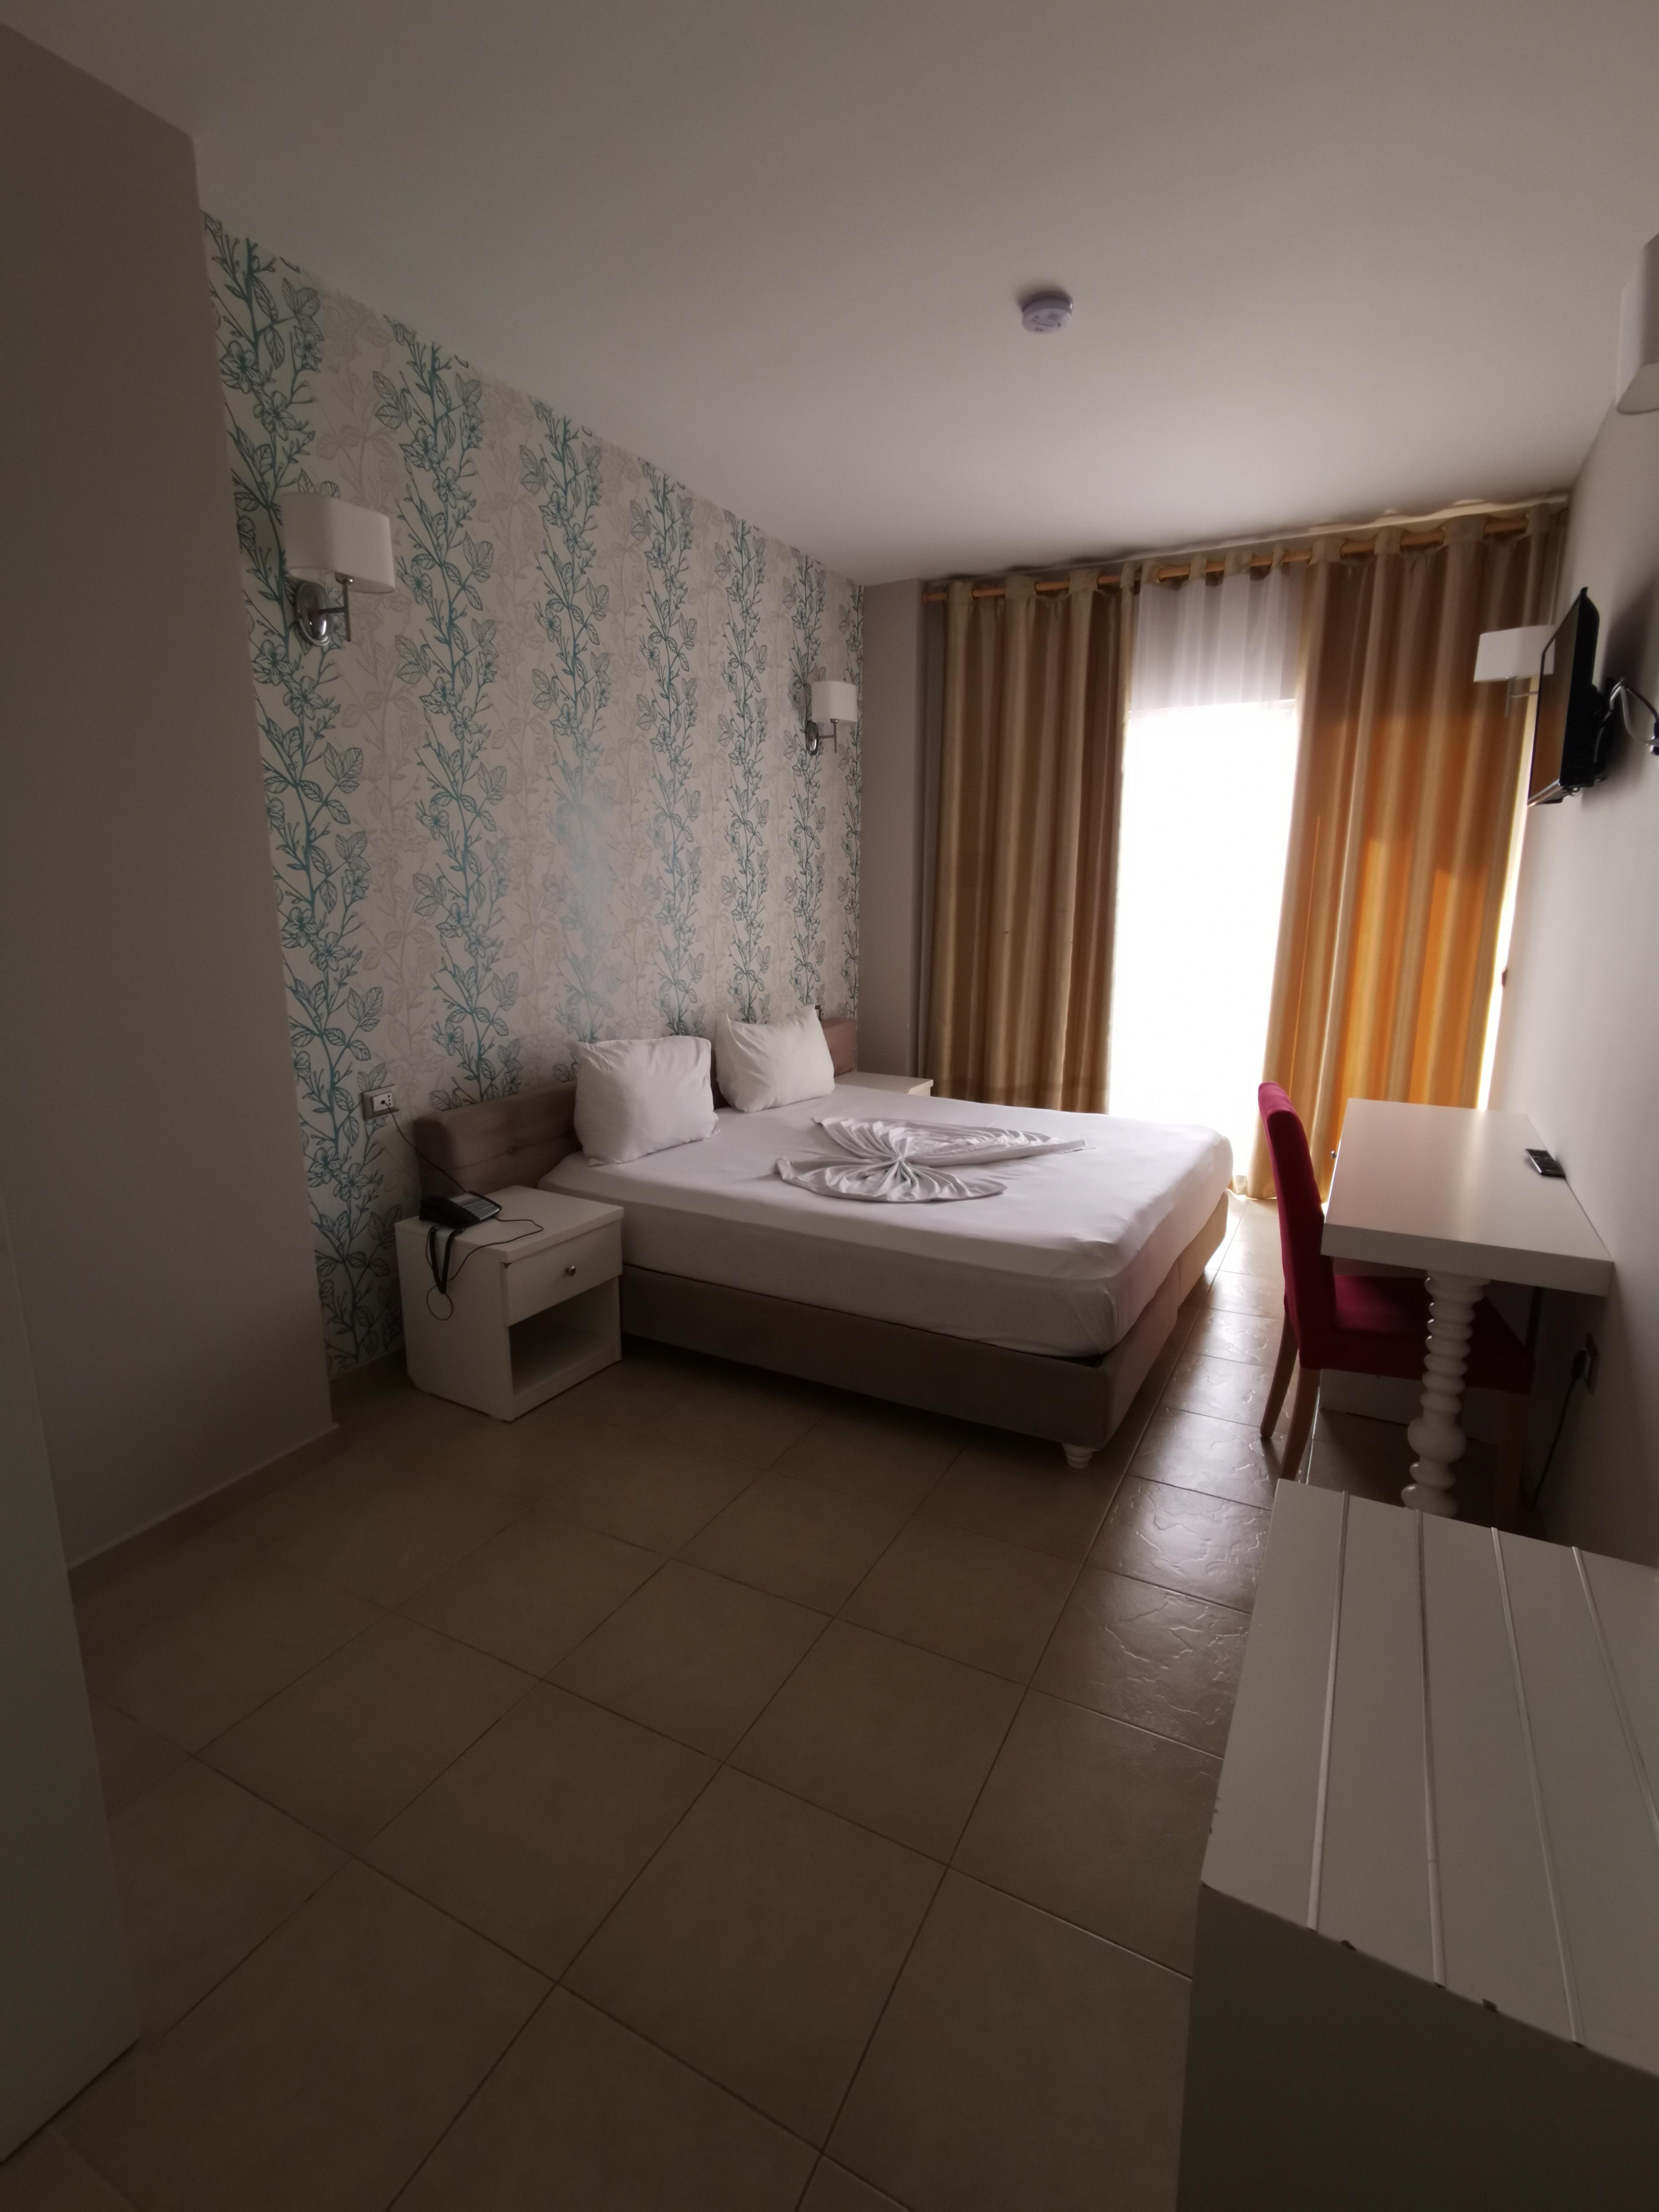 Letovanje Albanija autobusom, Drač Hotel Sun,izgled sobe